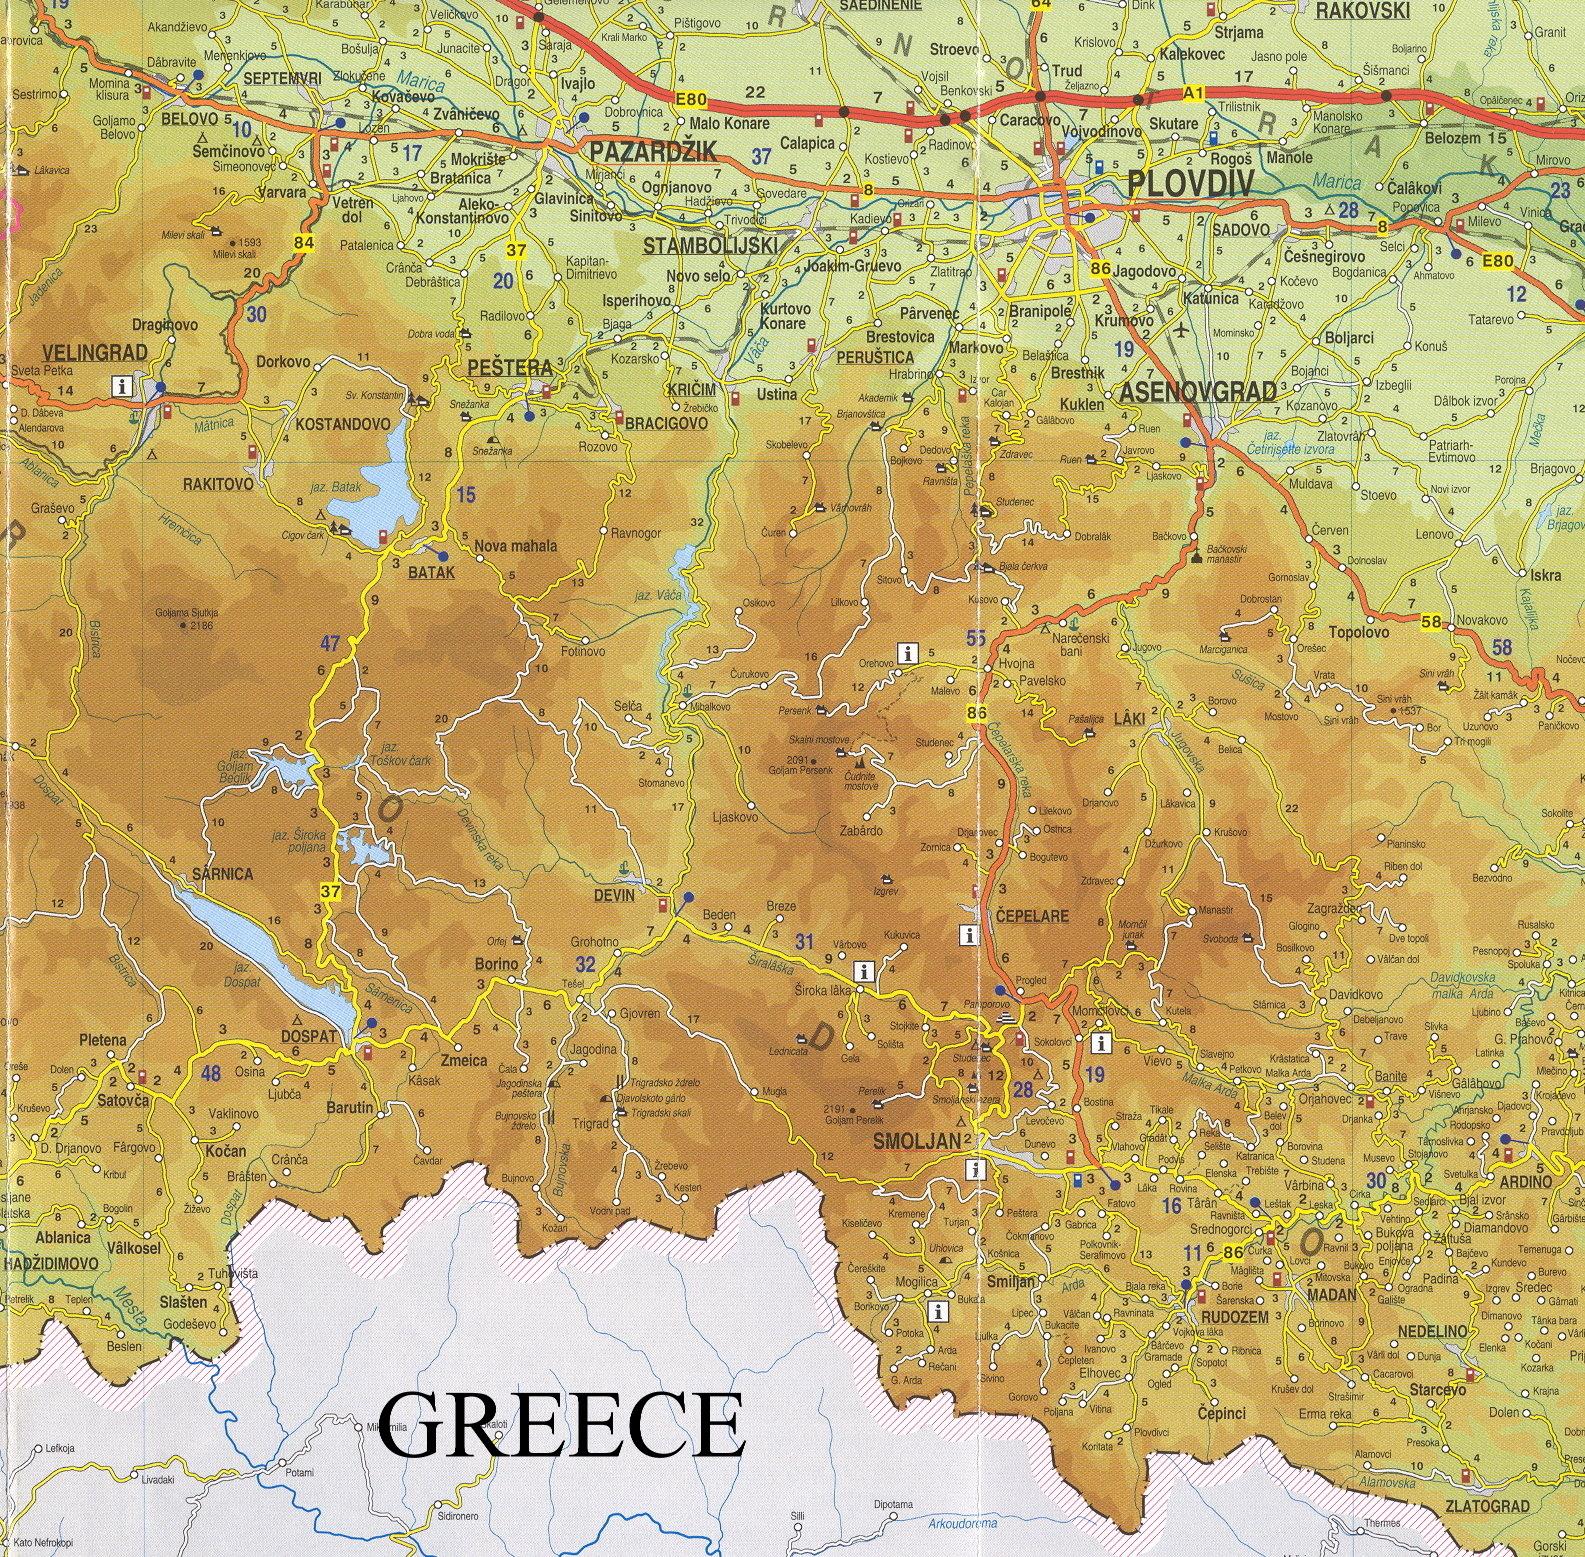 mapRodopy2.jpg